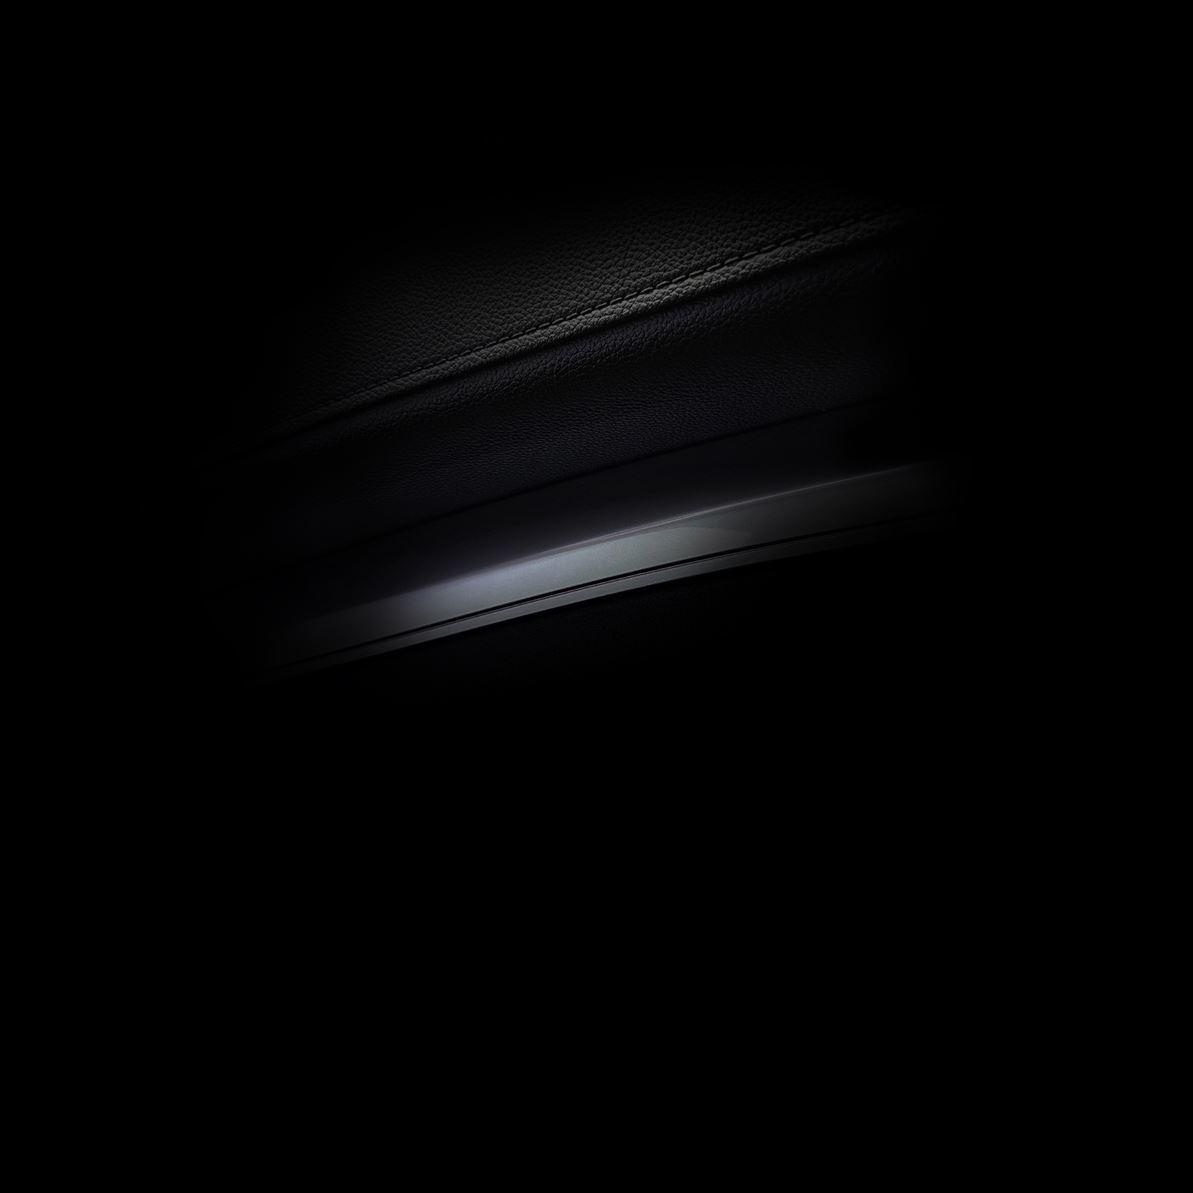 Huawei P30 Pro tapety motywy z EMUI 9.1 skąd gdzie pobrać